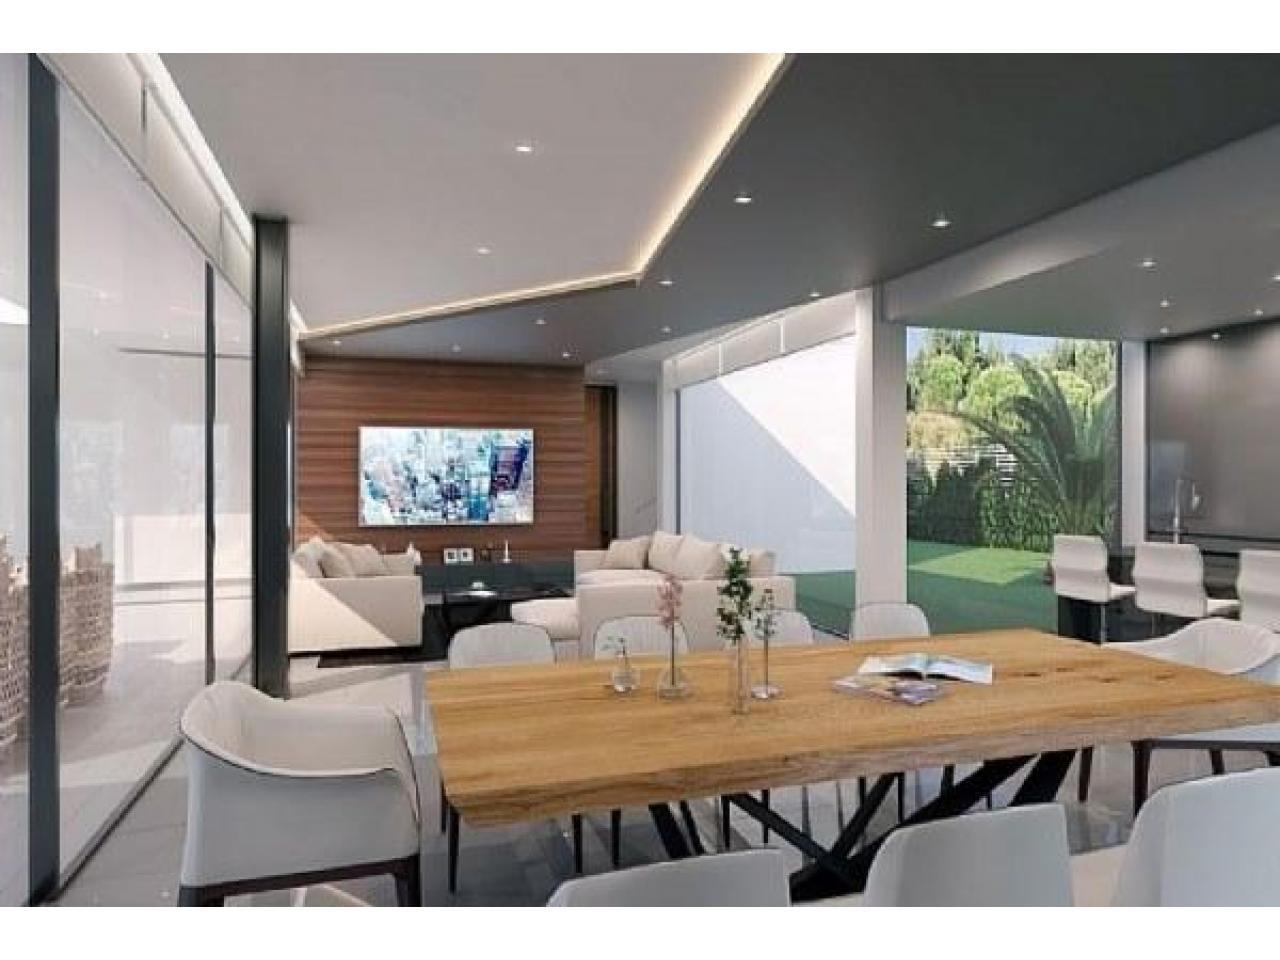 Недвижимость в Испании, Новая вилла рядом с морем от застройщика в Альтеа,Коста Бланка,Испания - 6